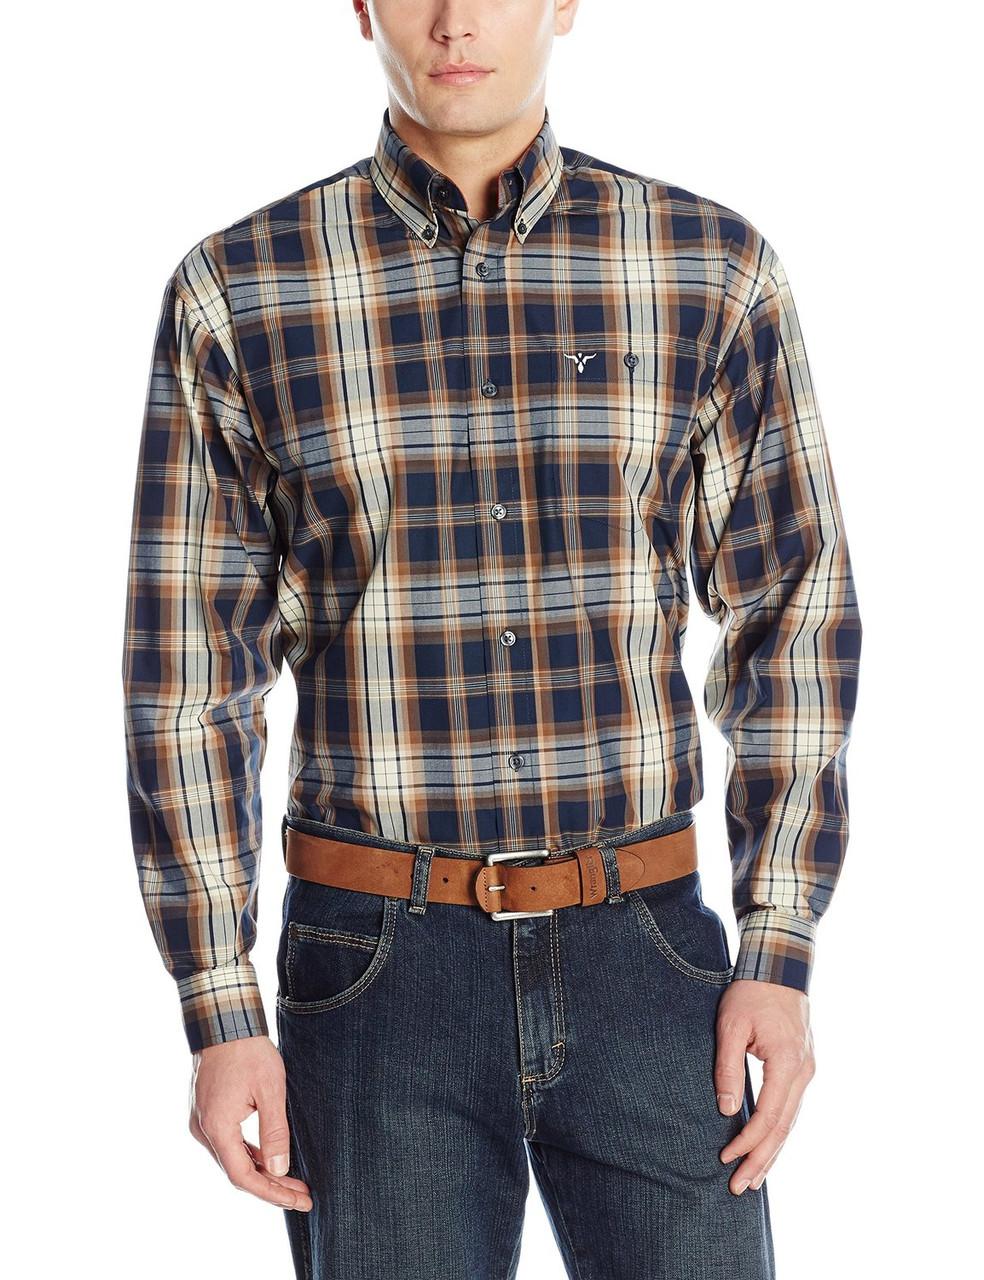 Рубашка Wrangler 20X, S, Teal/Black/Grey, MJ2600M